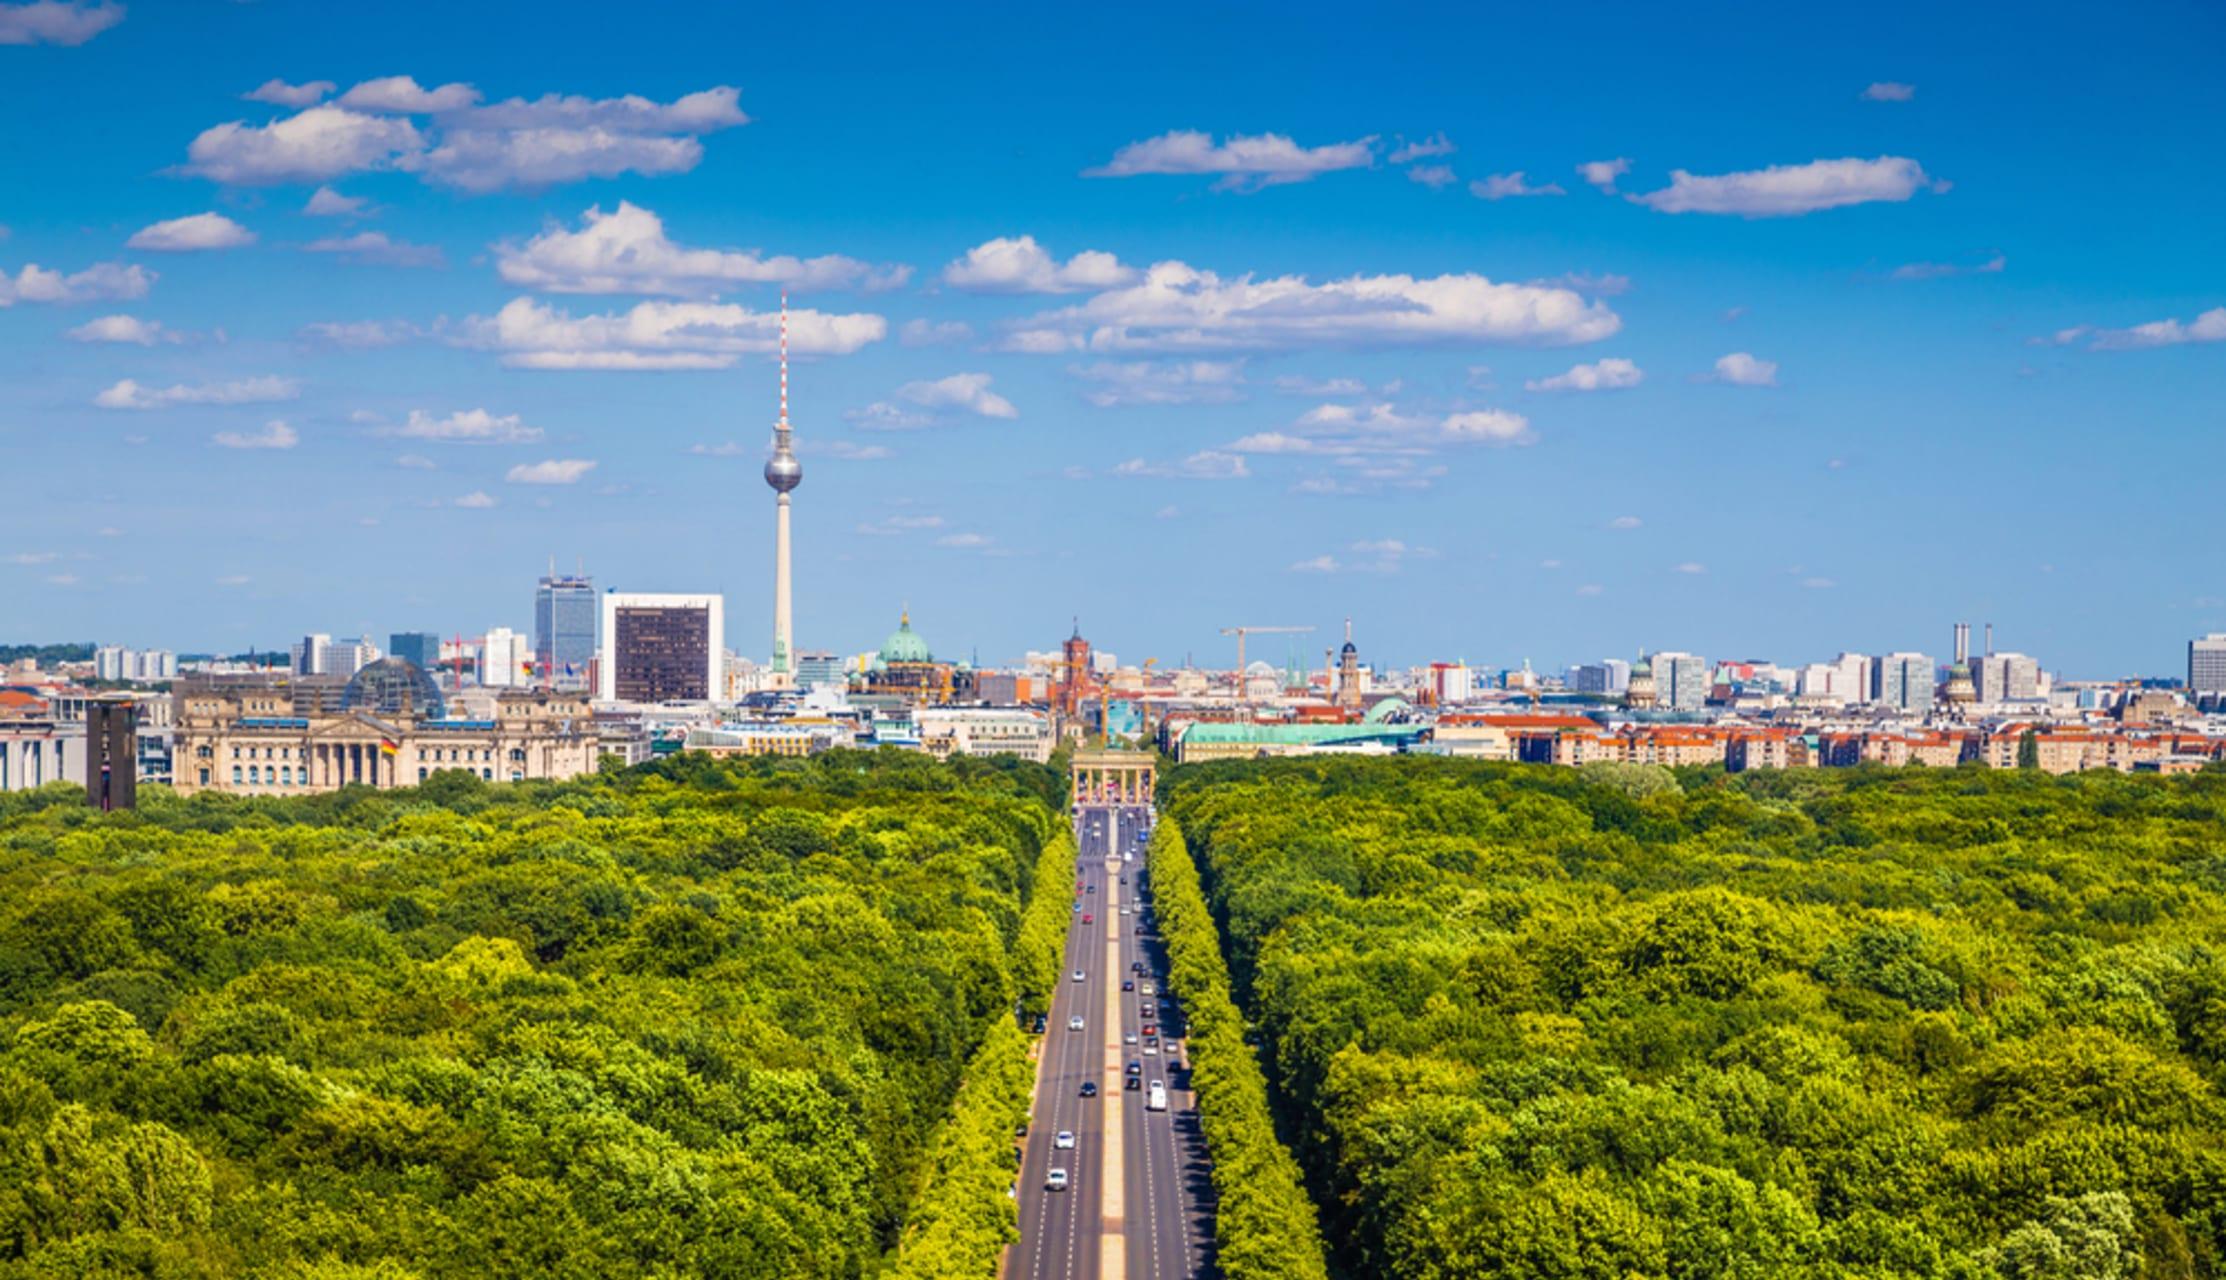 Berlin - A walk through the Tiergarten